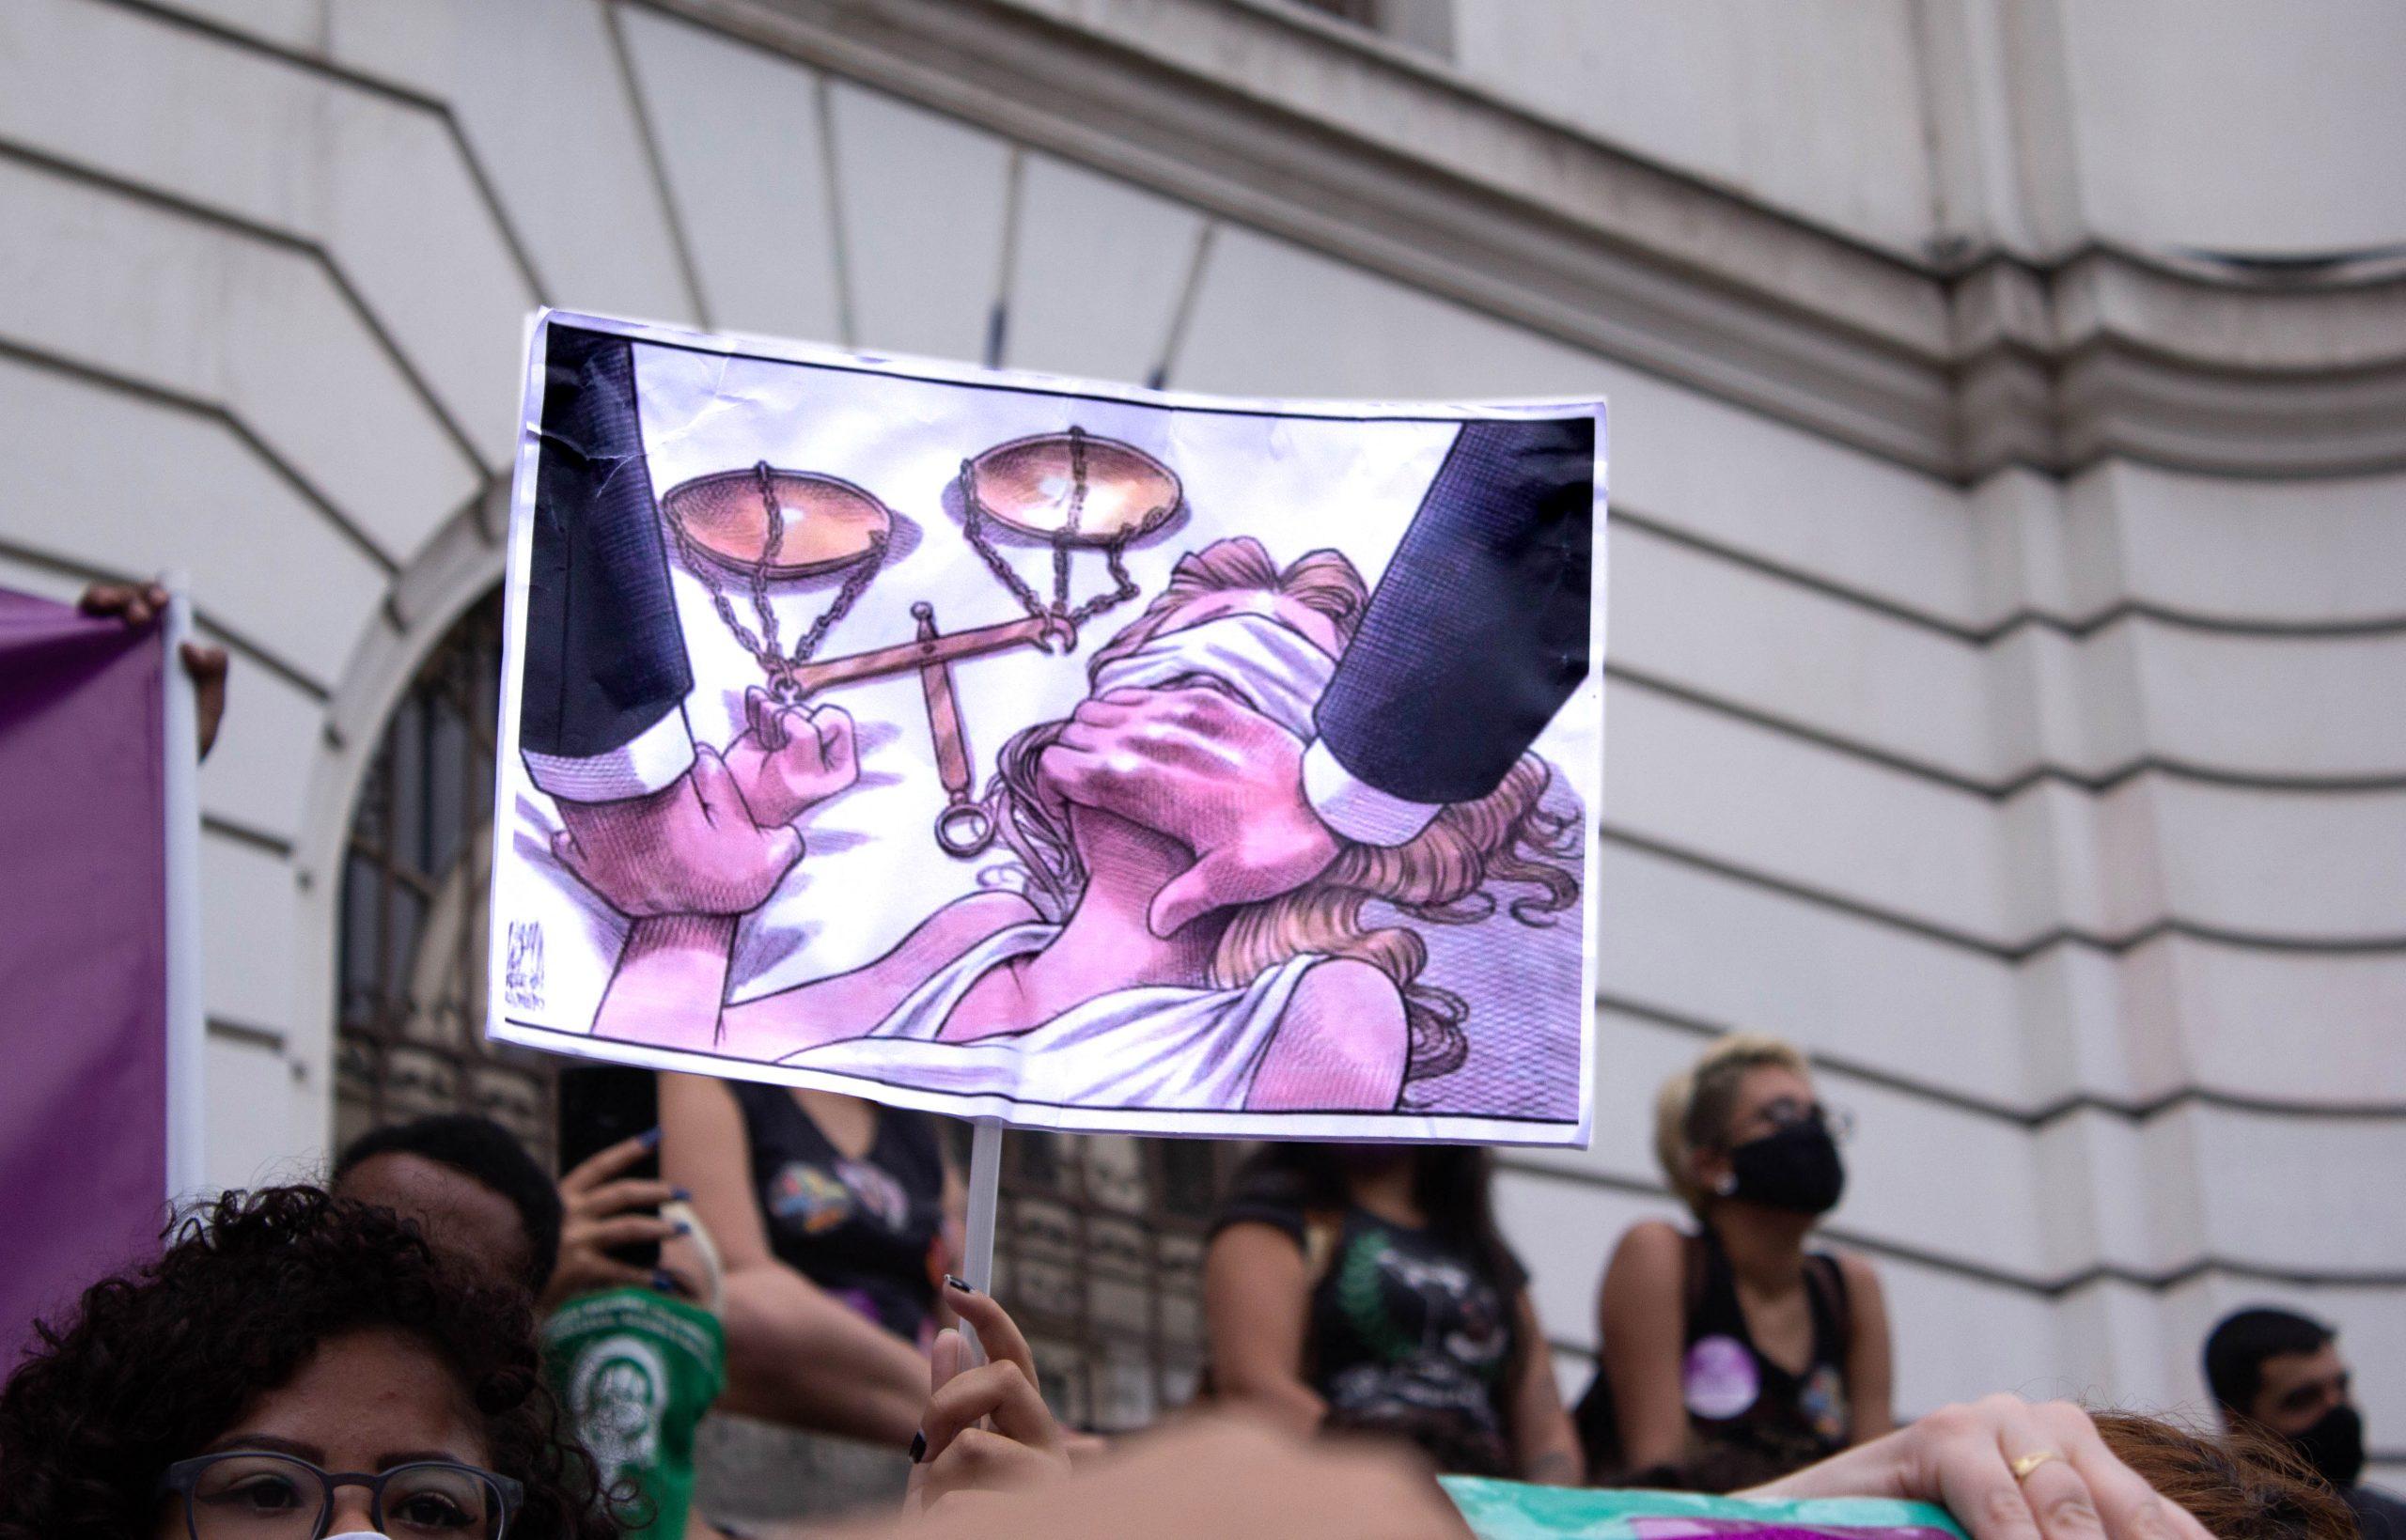 Mulheres no ato Justiça por Mari Ferrer no Rio de Janeiro. Foto: Natalia Perdomo/Fotoguerrilha